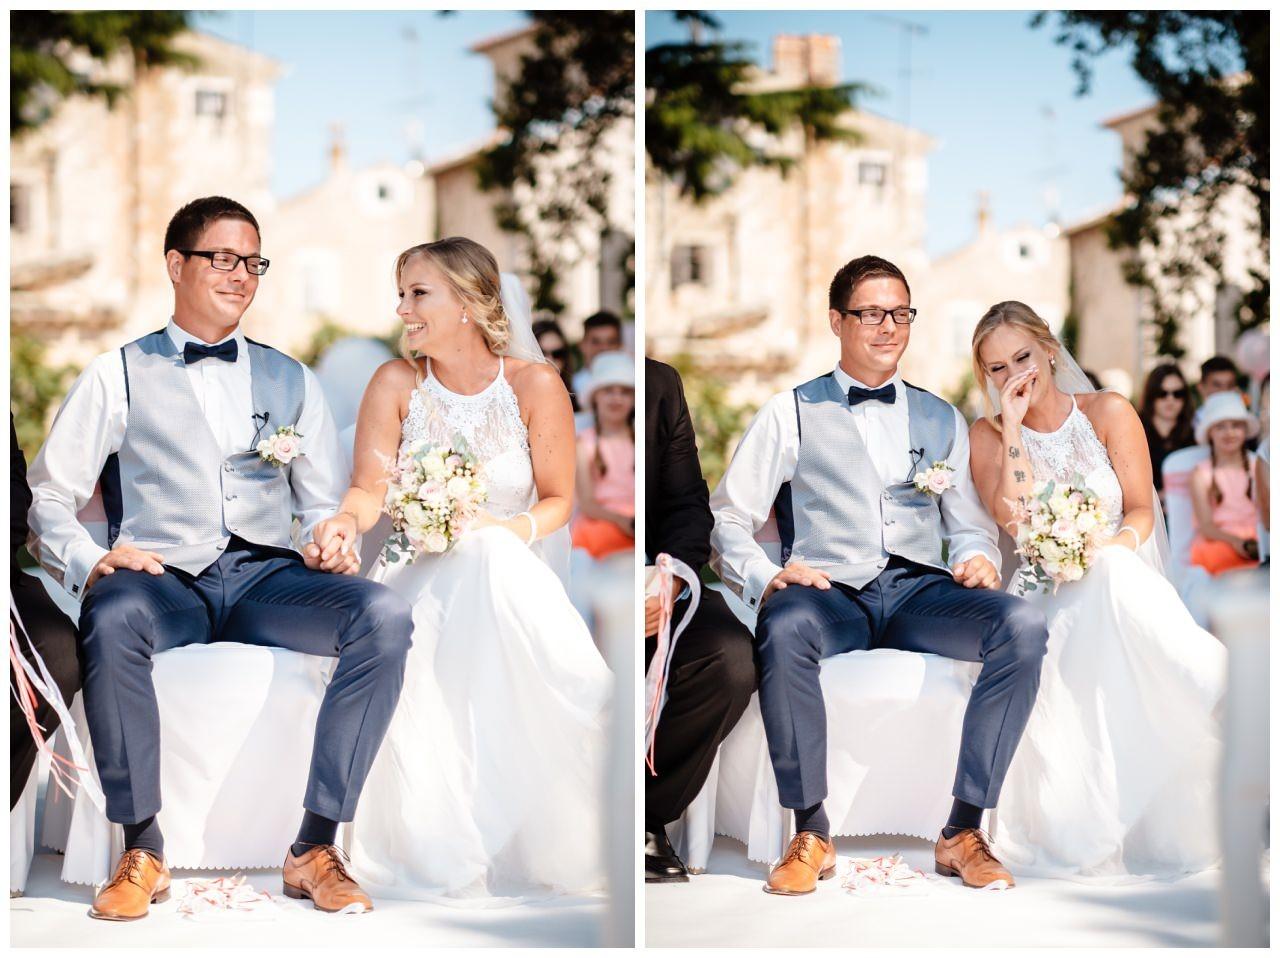 Hochzeit kroatien hochzeitsfotograf hochzeitsfotos 47 - Hochzeit in Kroatien